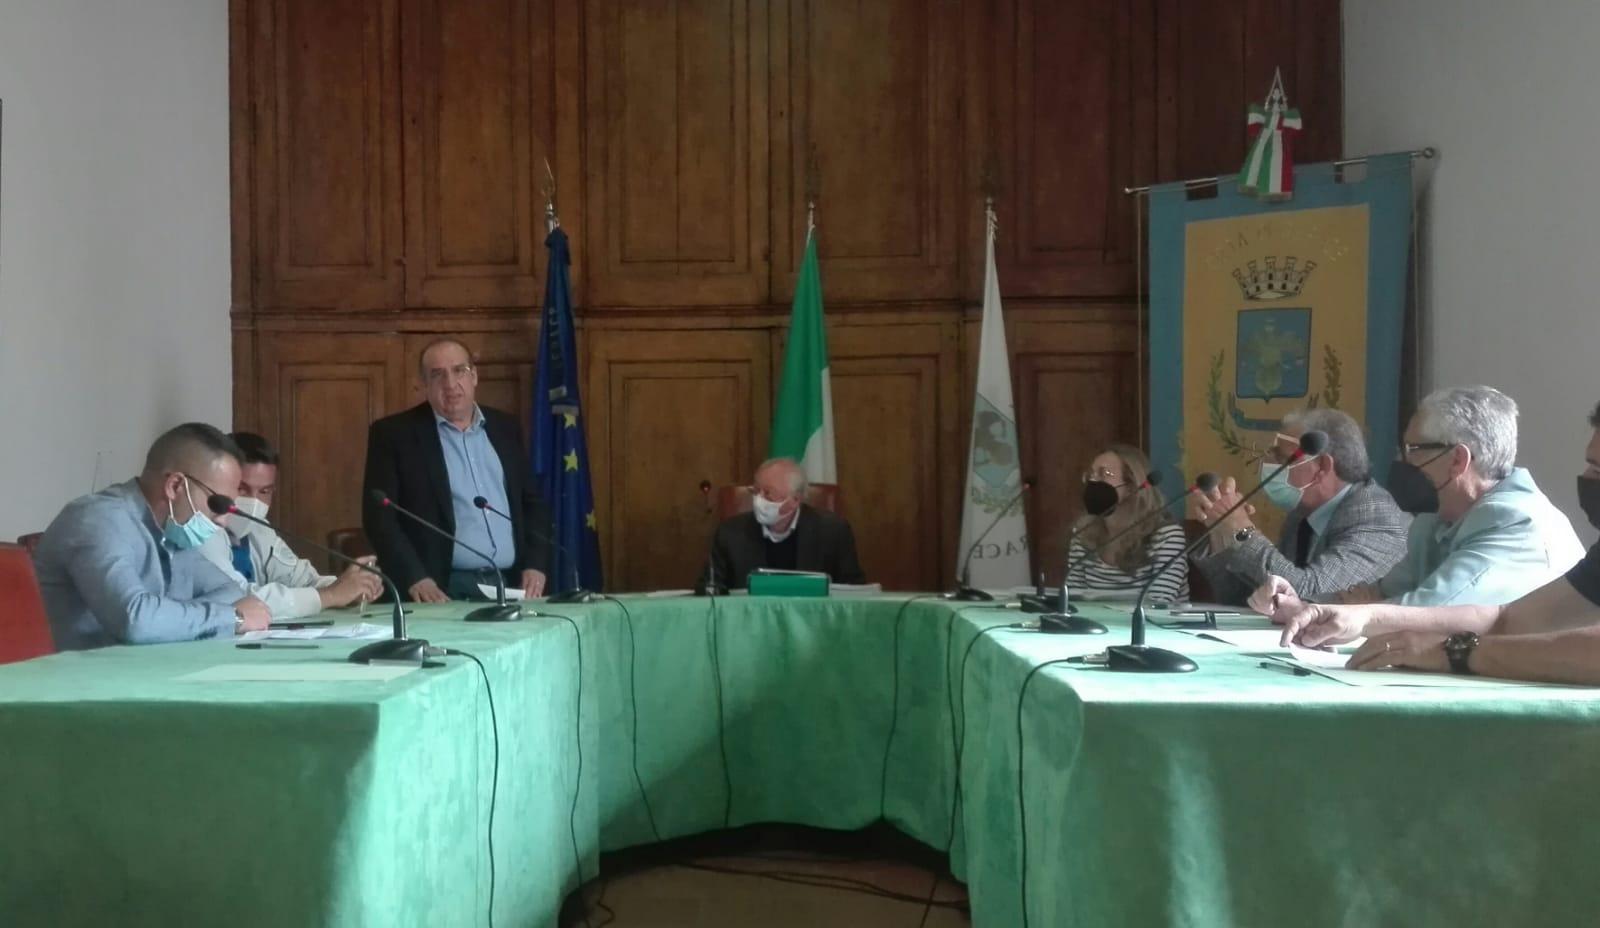 Il Consiglio Comunale di Gerace ha approvato all'unanimità il Bilancio di previsione finanziario 2021-2023, relativo al 2021, e poco prima, con la medesima votazione, ha approvato il Documento unico di programmazione per il periodo 2021-2023